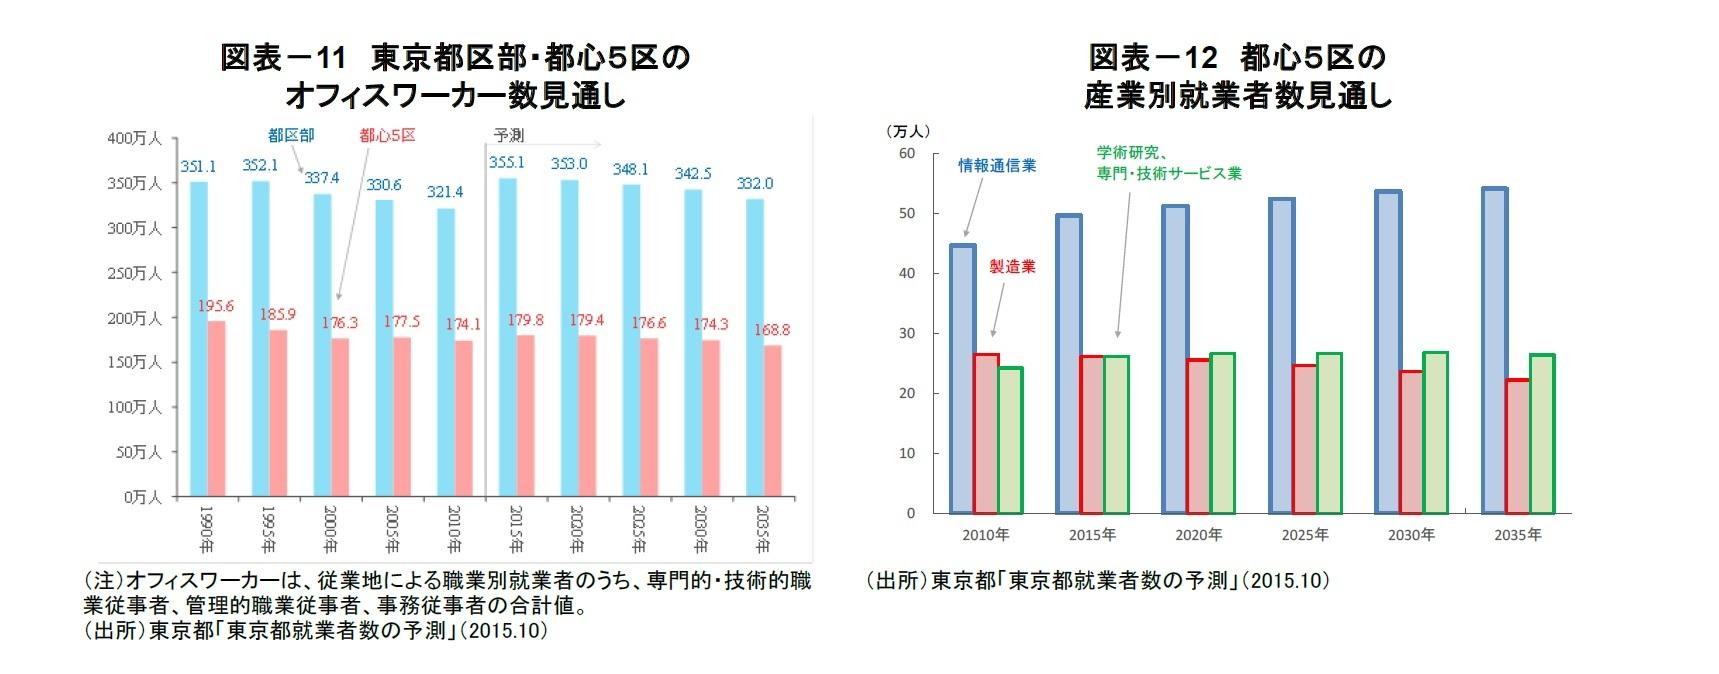 図表-11 東京都区部・都心5区のオフィスワーカー数見通し/図表-12 都心5区の産業別就業者数見通し